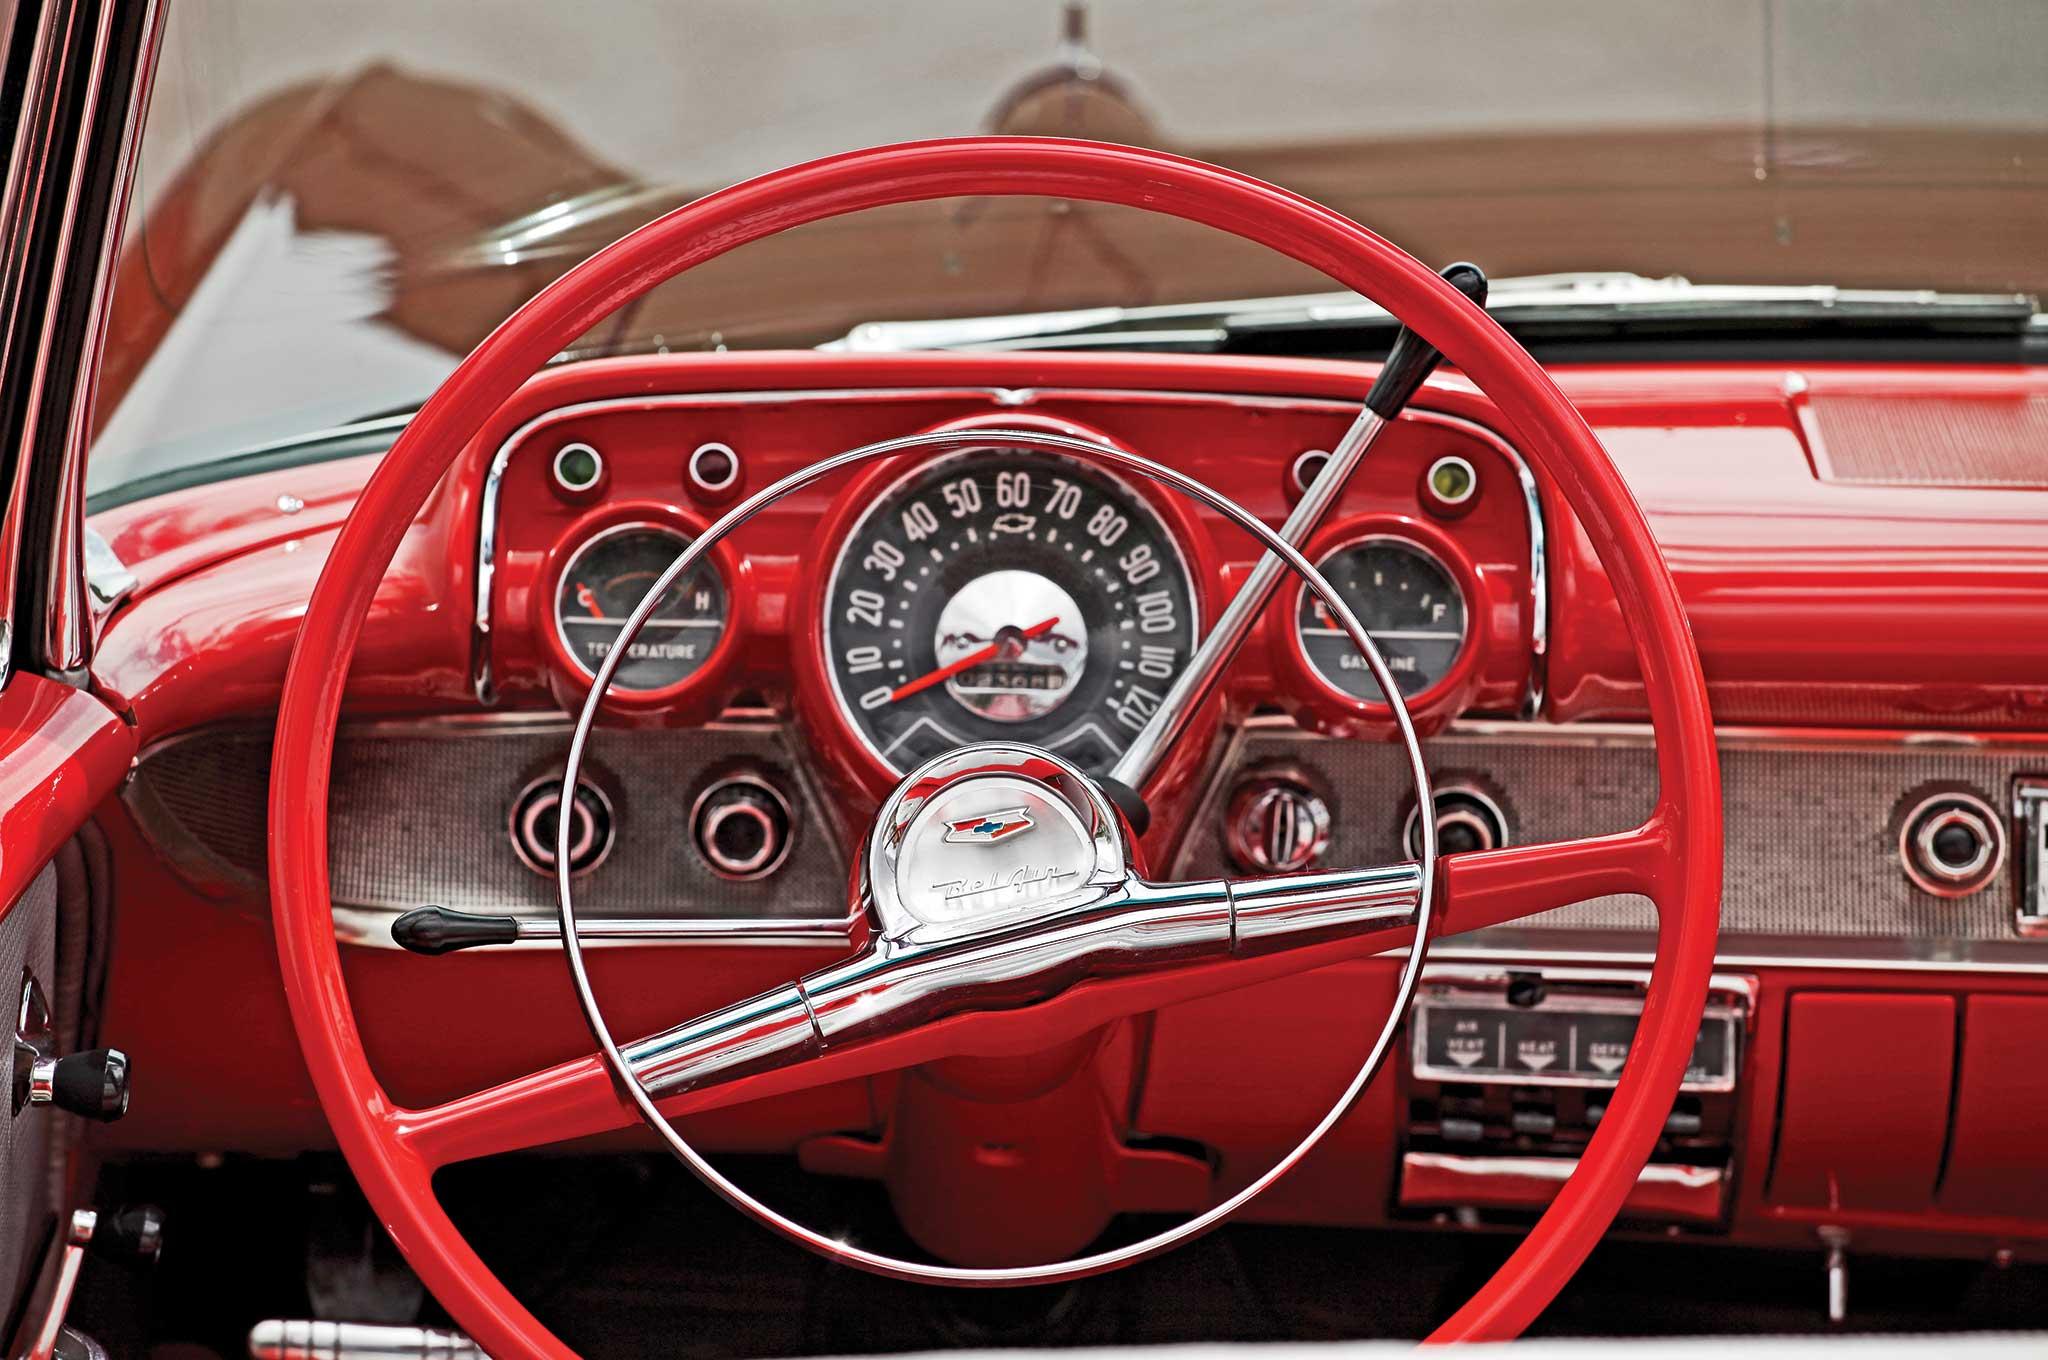 010 1957 chevrolet bel air convertible steering wheel